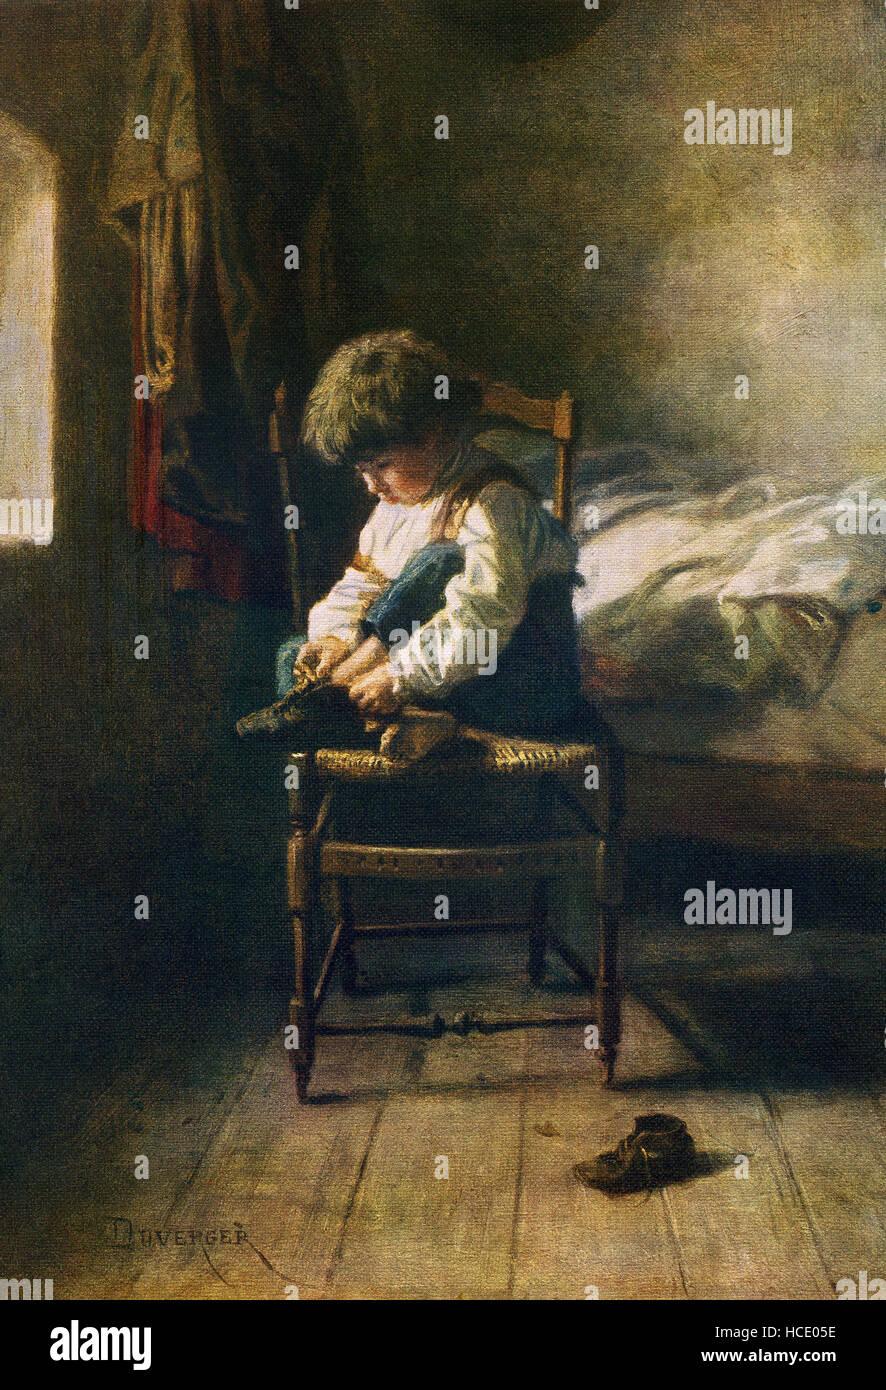 Cette image intitulée seul a été peint par lartiste français